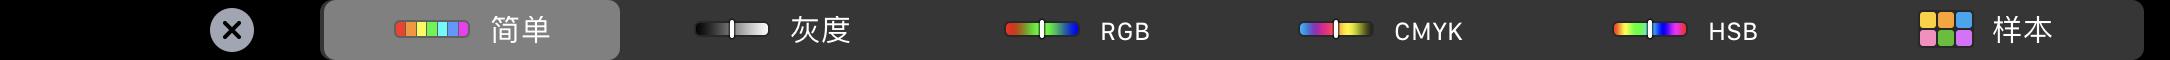 触控栏更改颜色